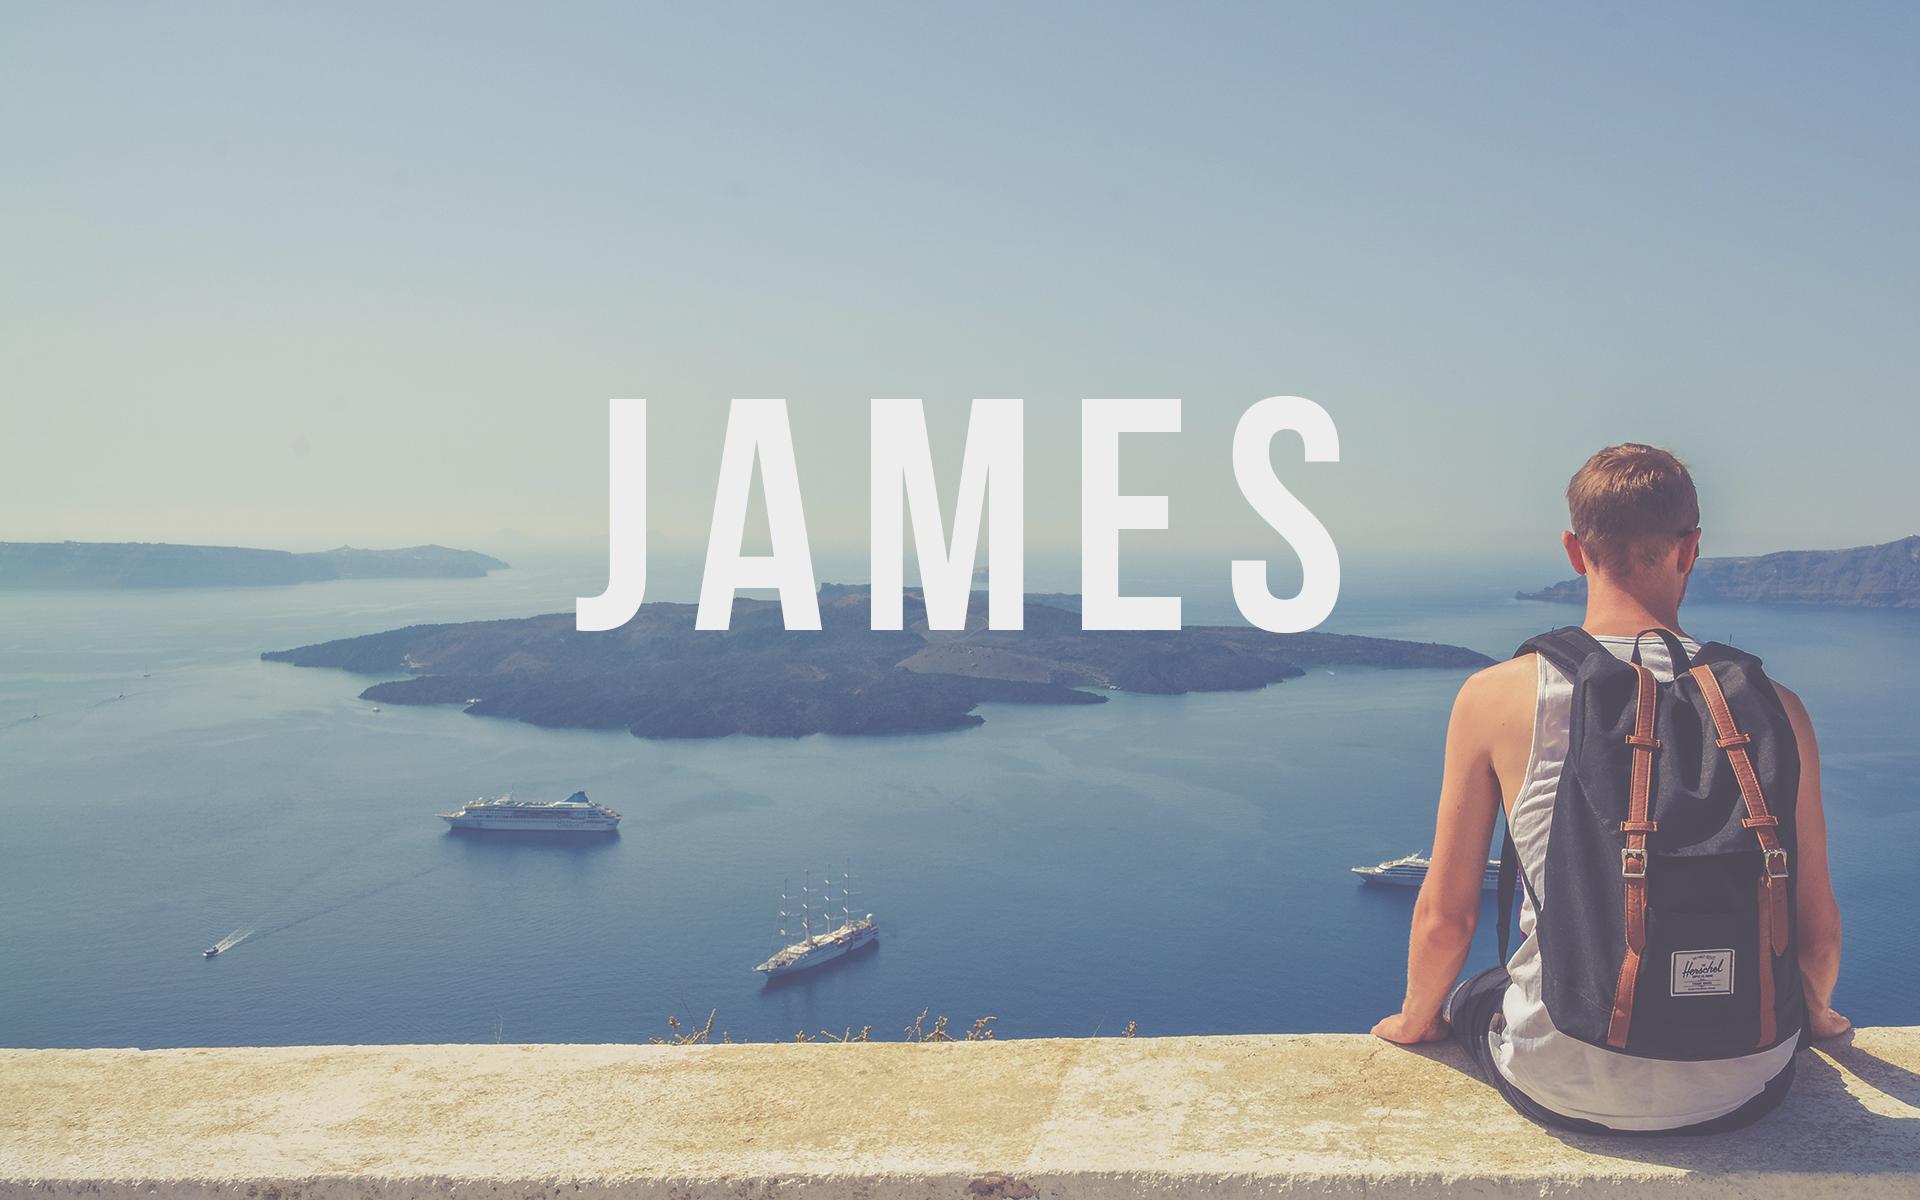 James v3.jpg